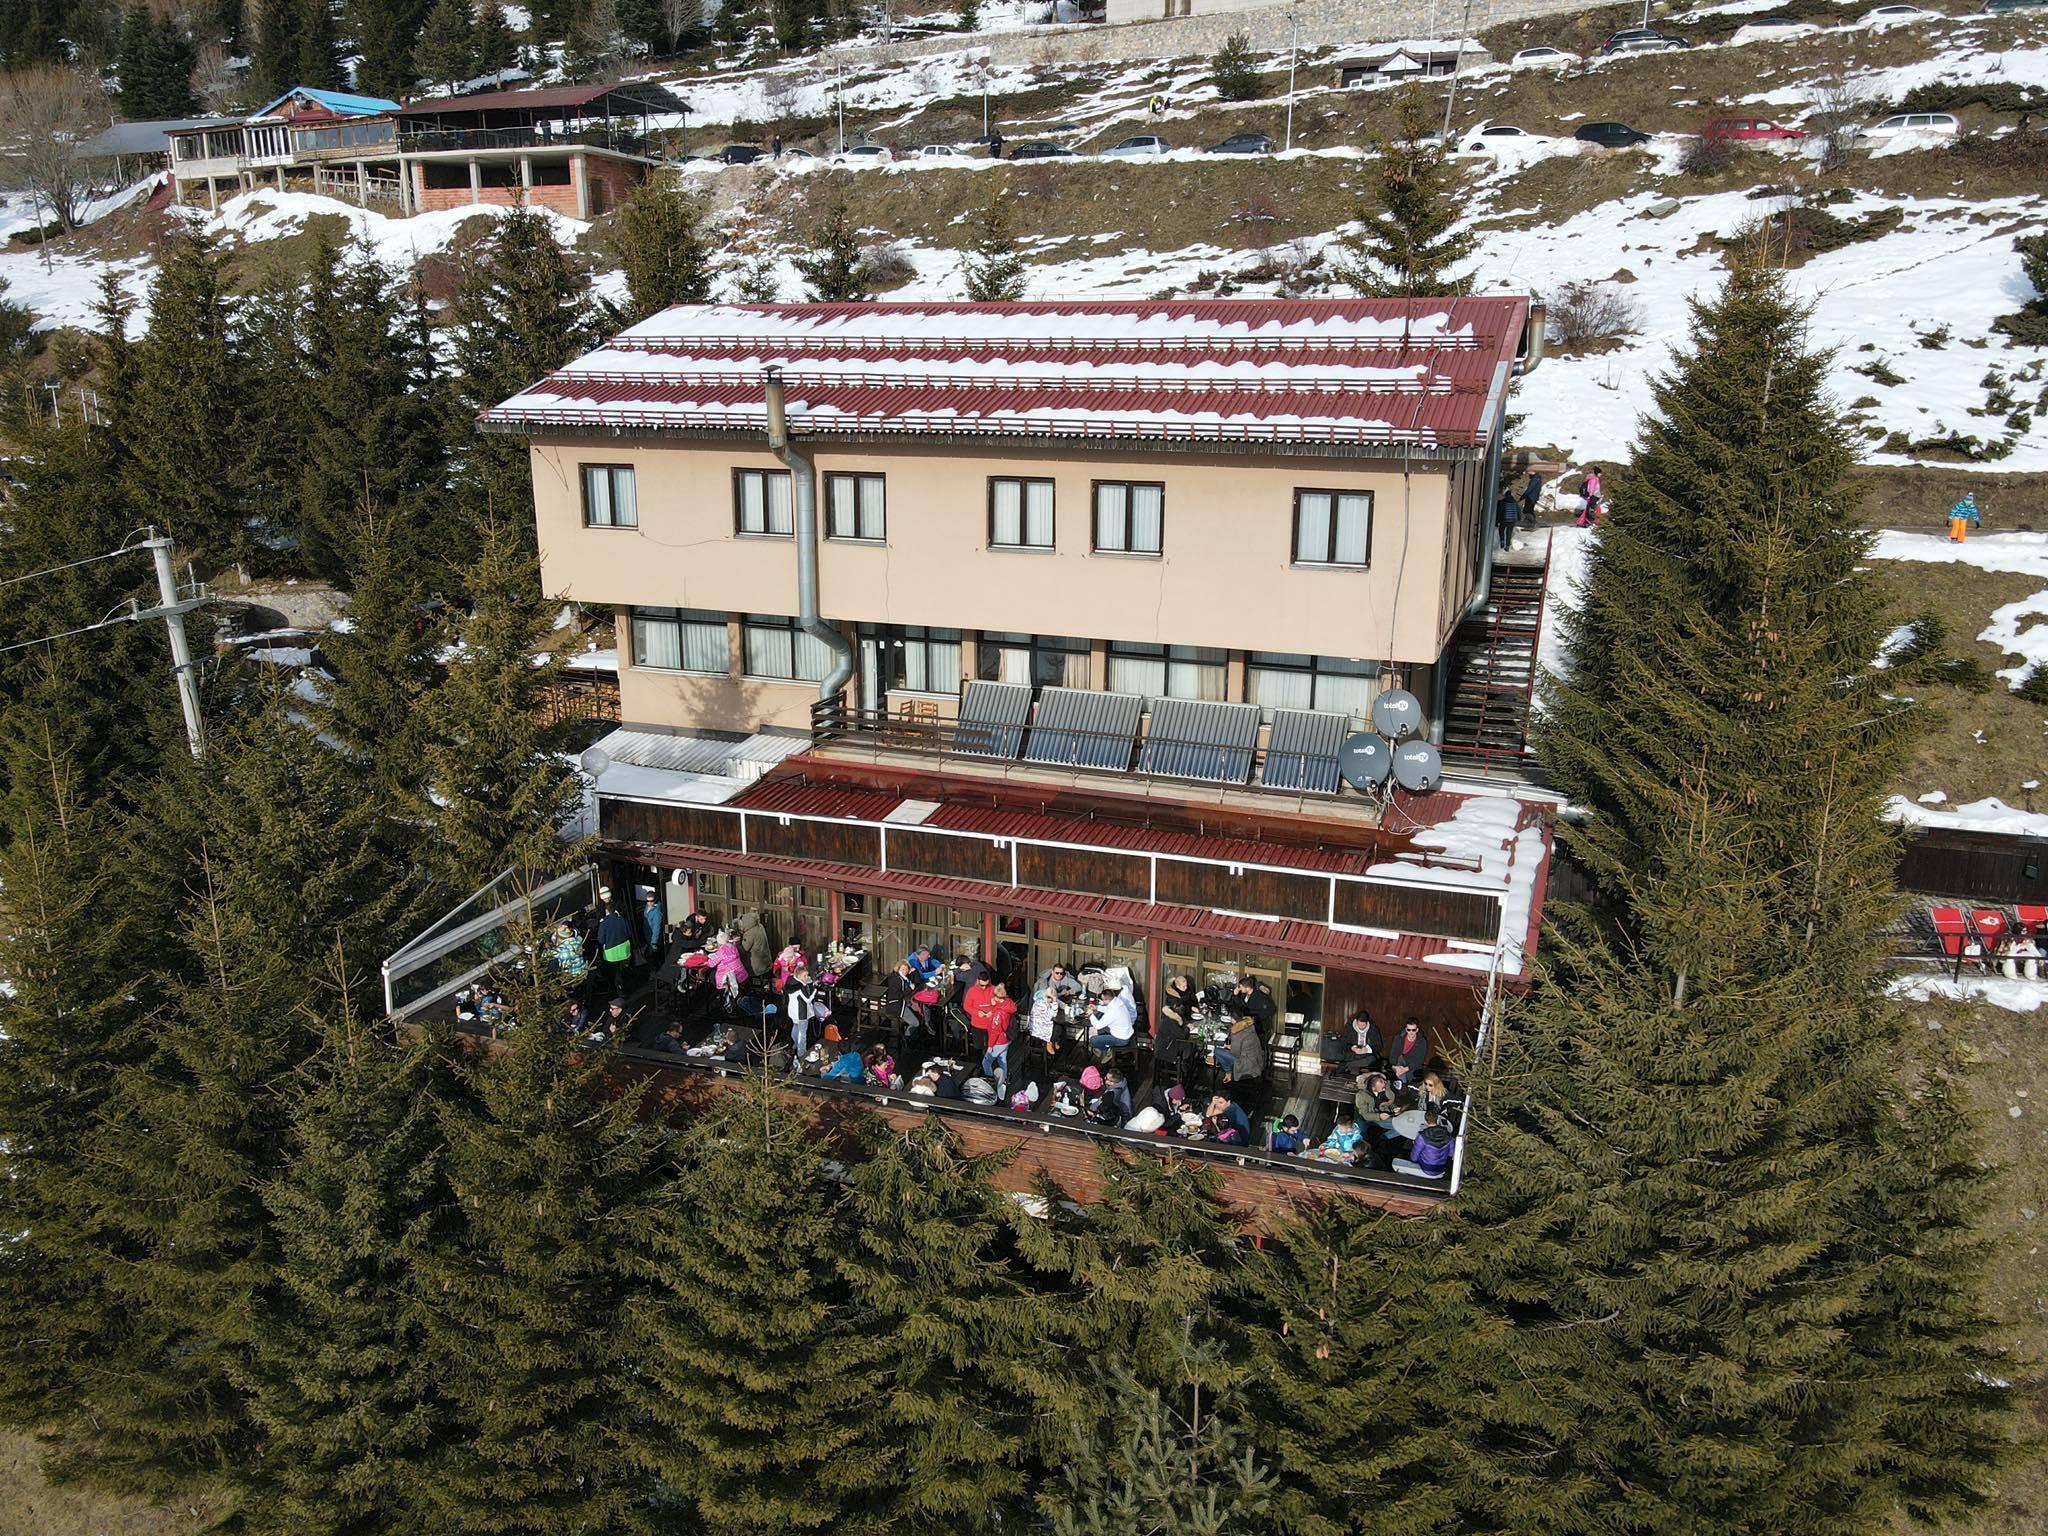 ХотелSNOW PATROL LODGE 3* – Попова Шапка